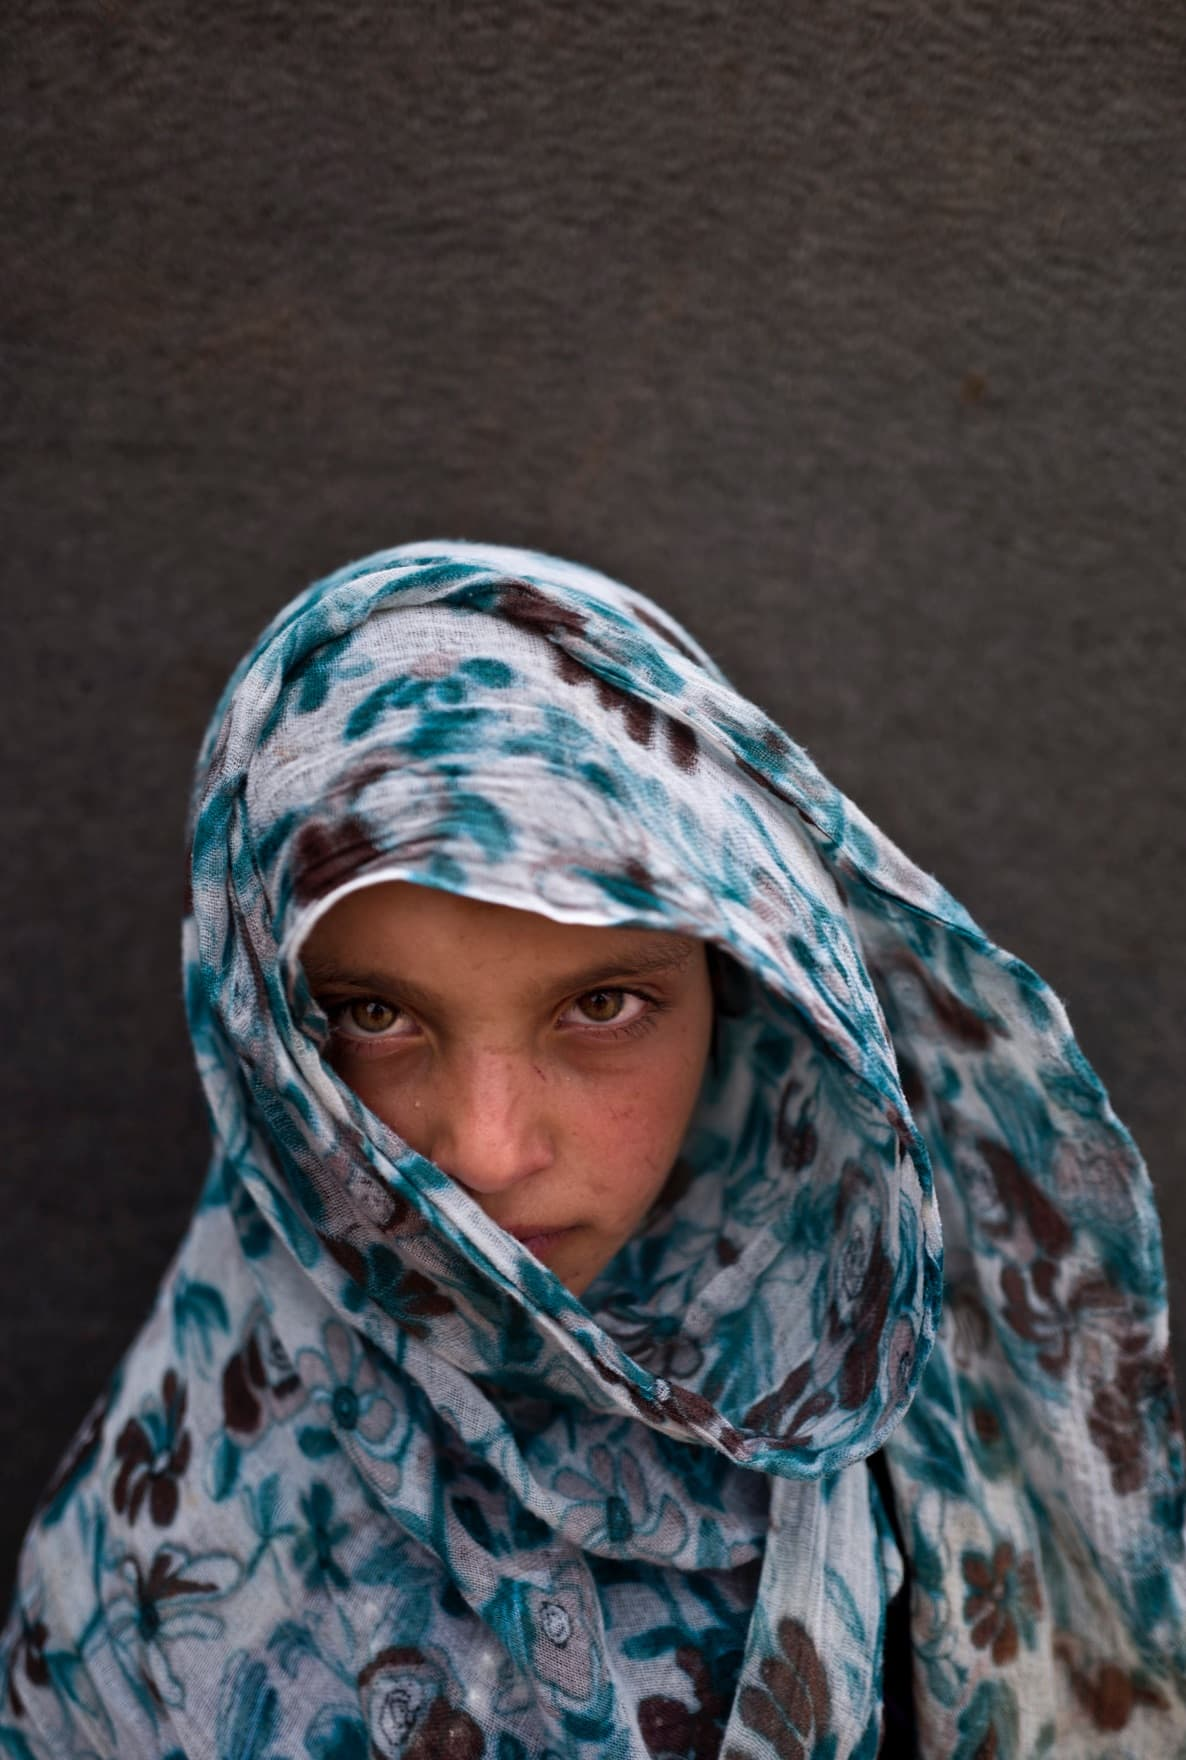 Muhammed Muheisen - Victims of War